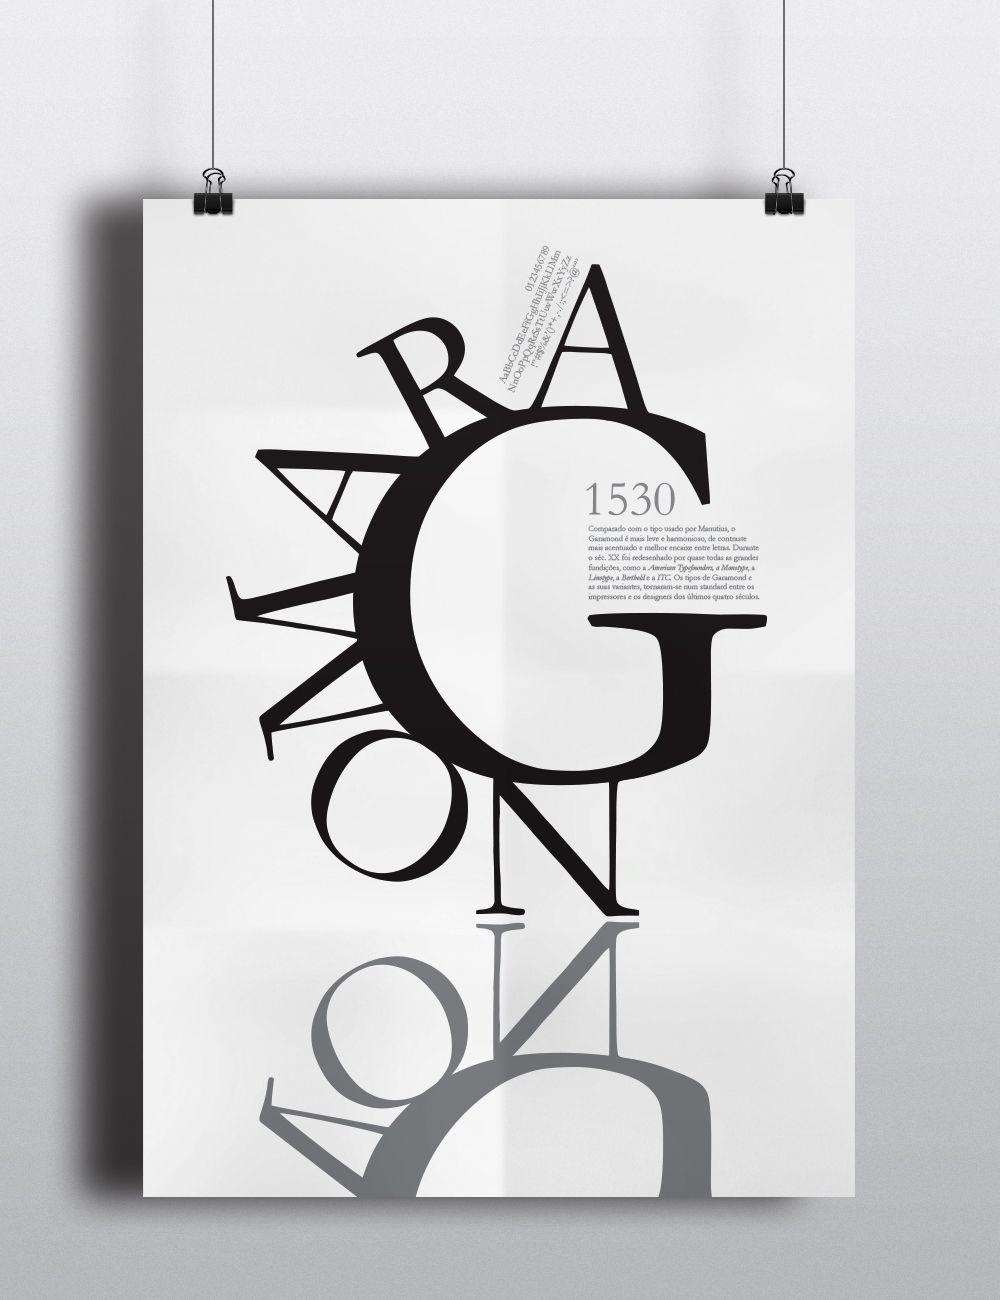 старой композиция плаката дизайн совсем обязательно, чтобы